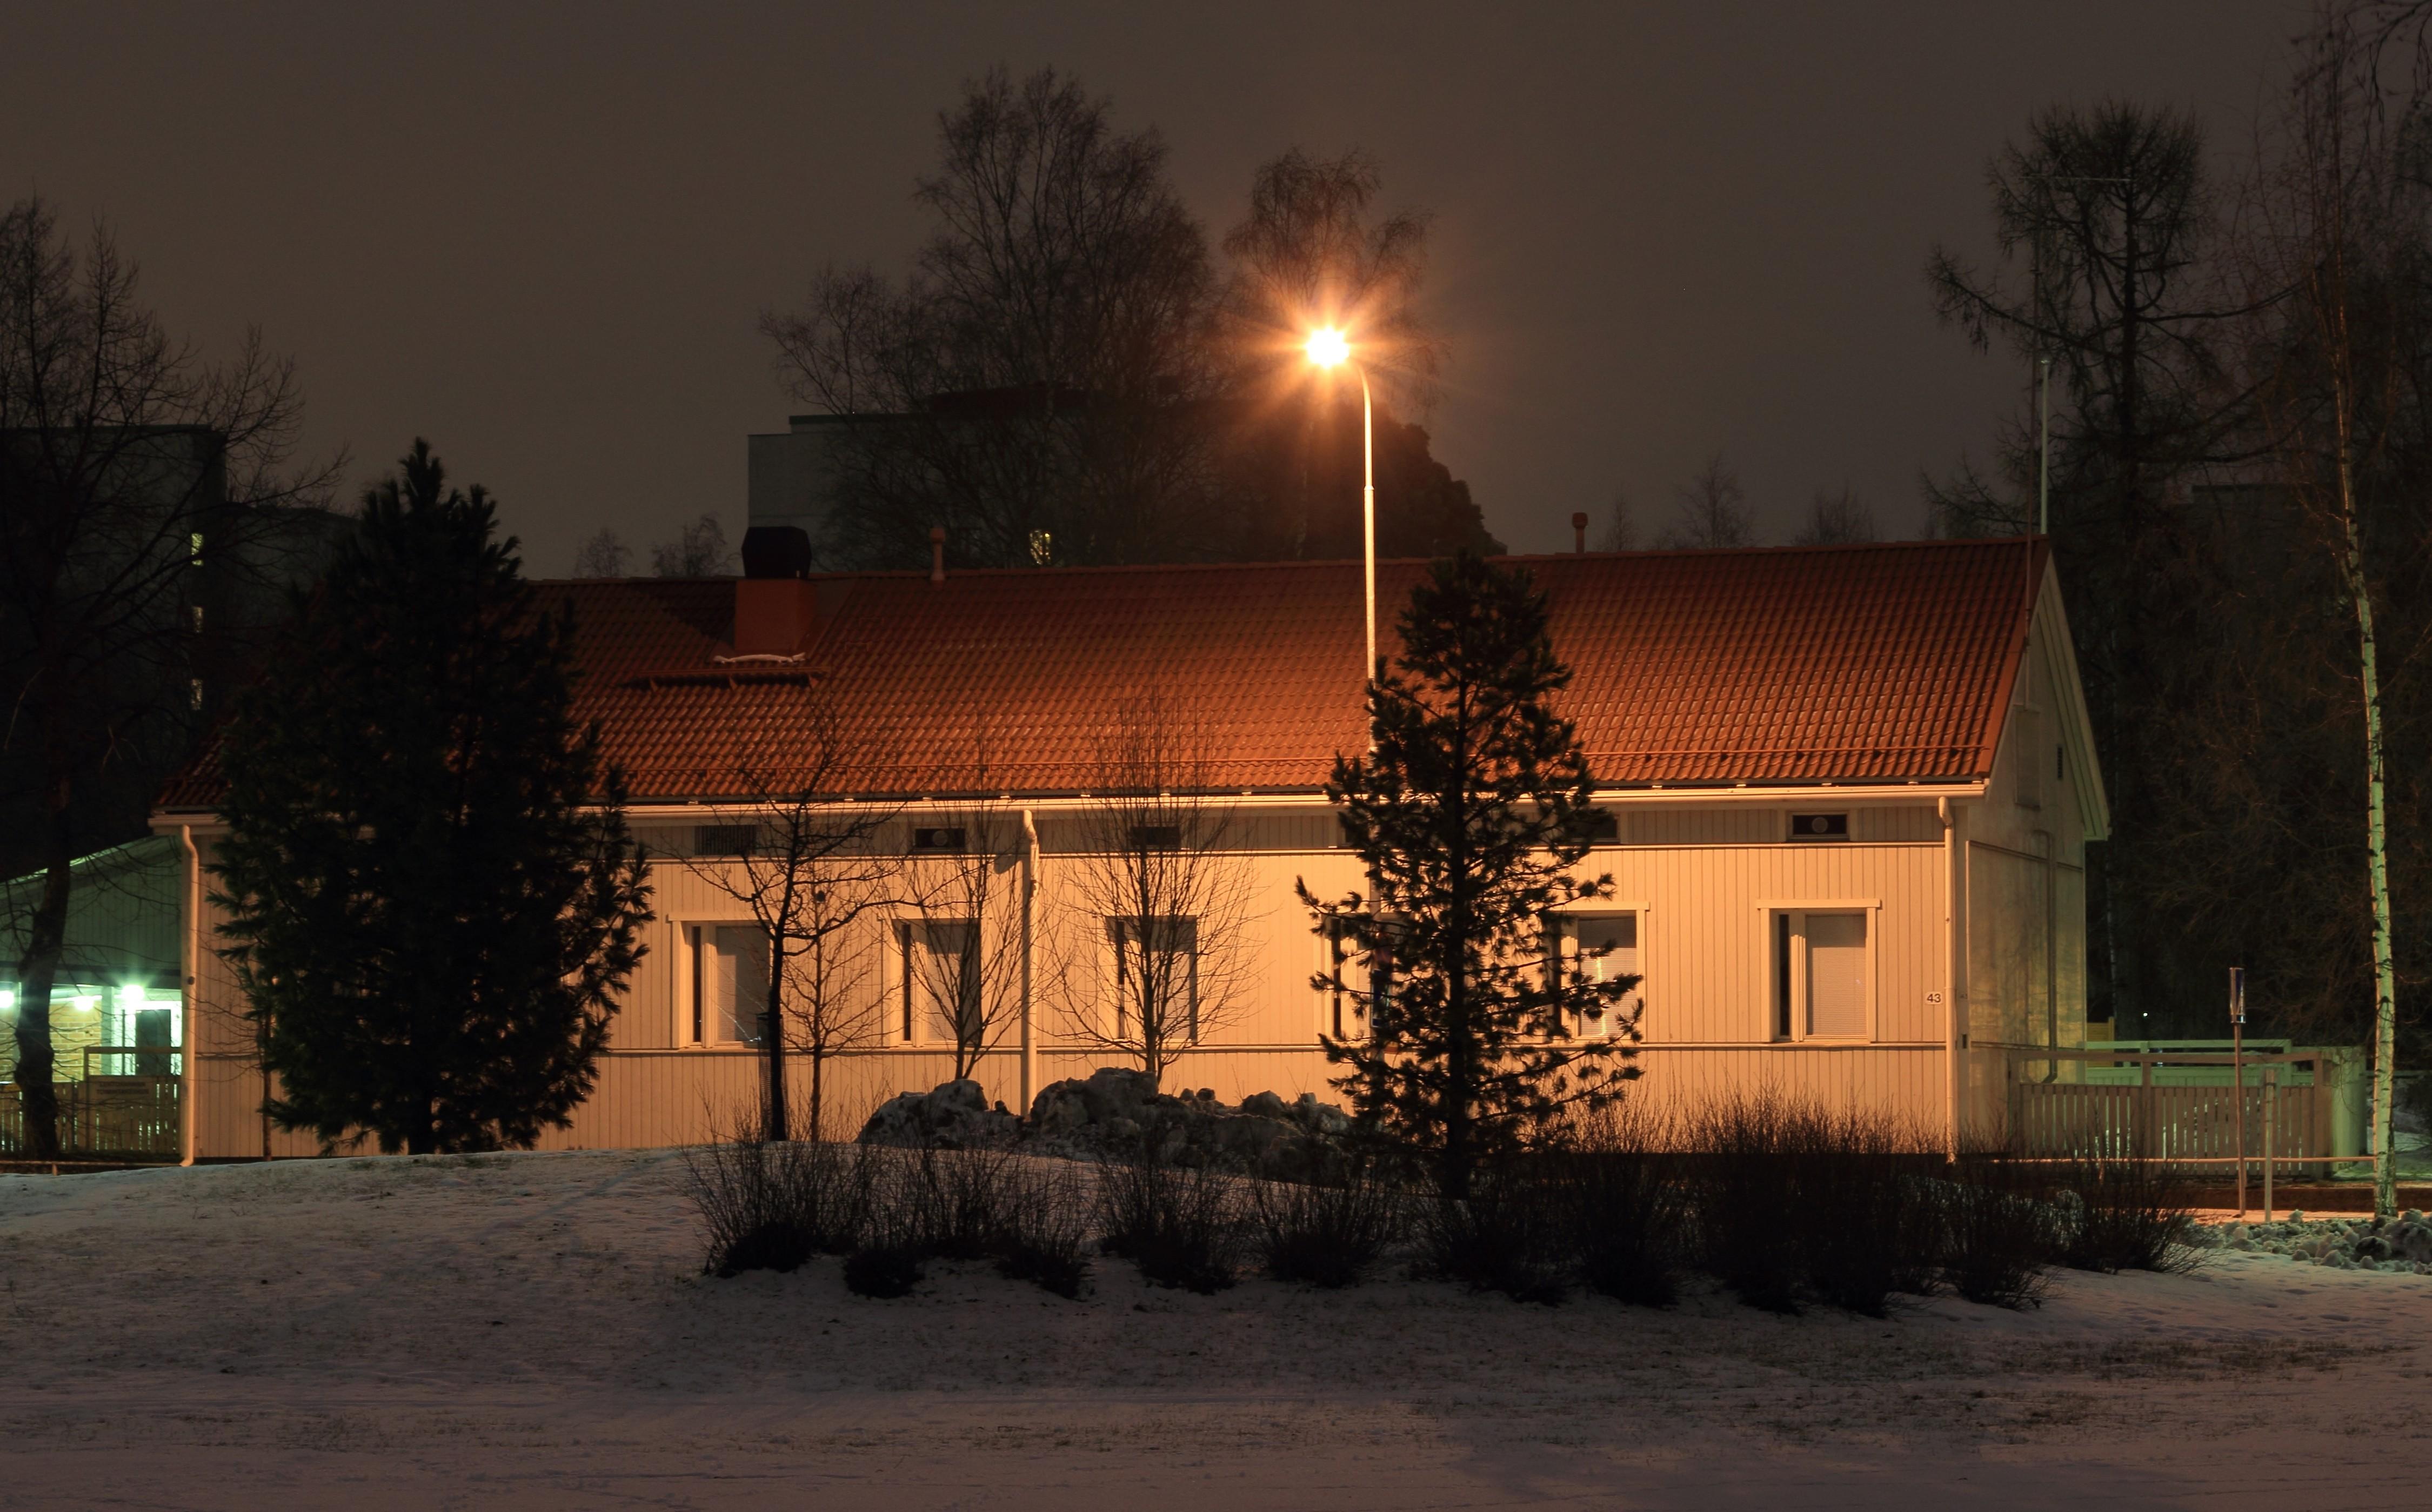 Koskitie Oulu